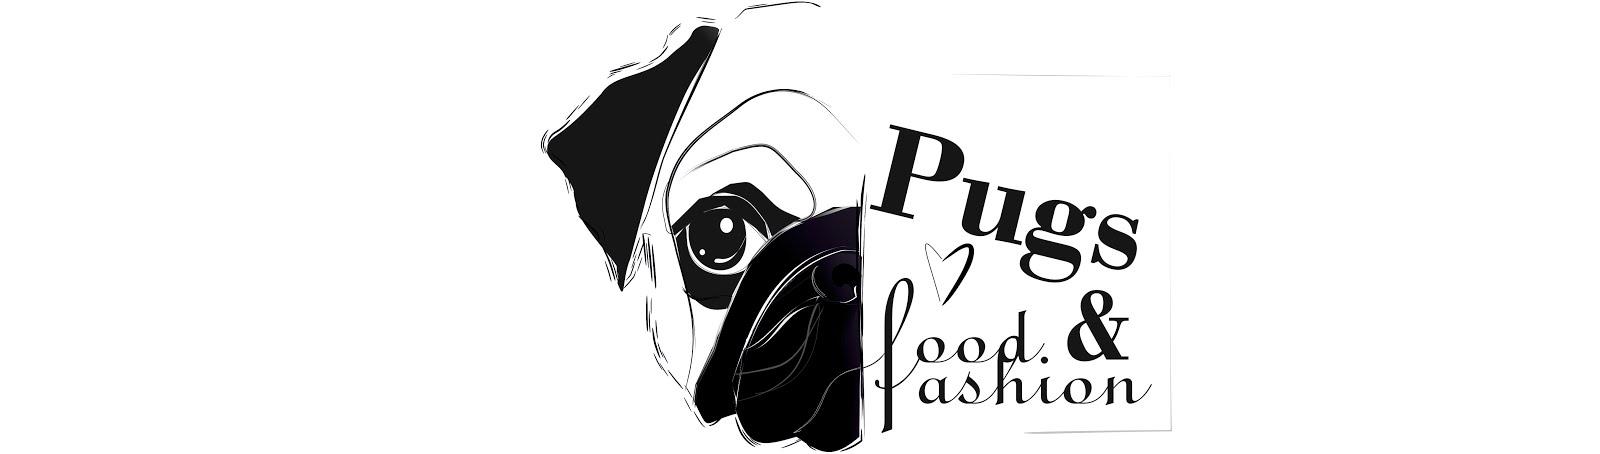 Pugslovefood&fashion